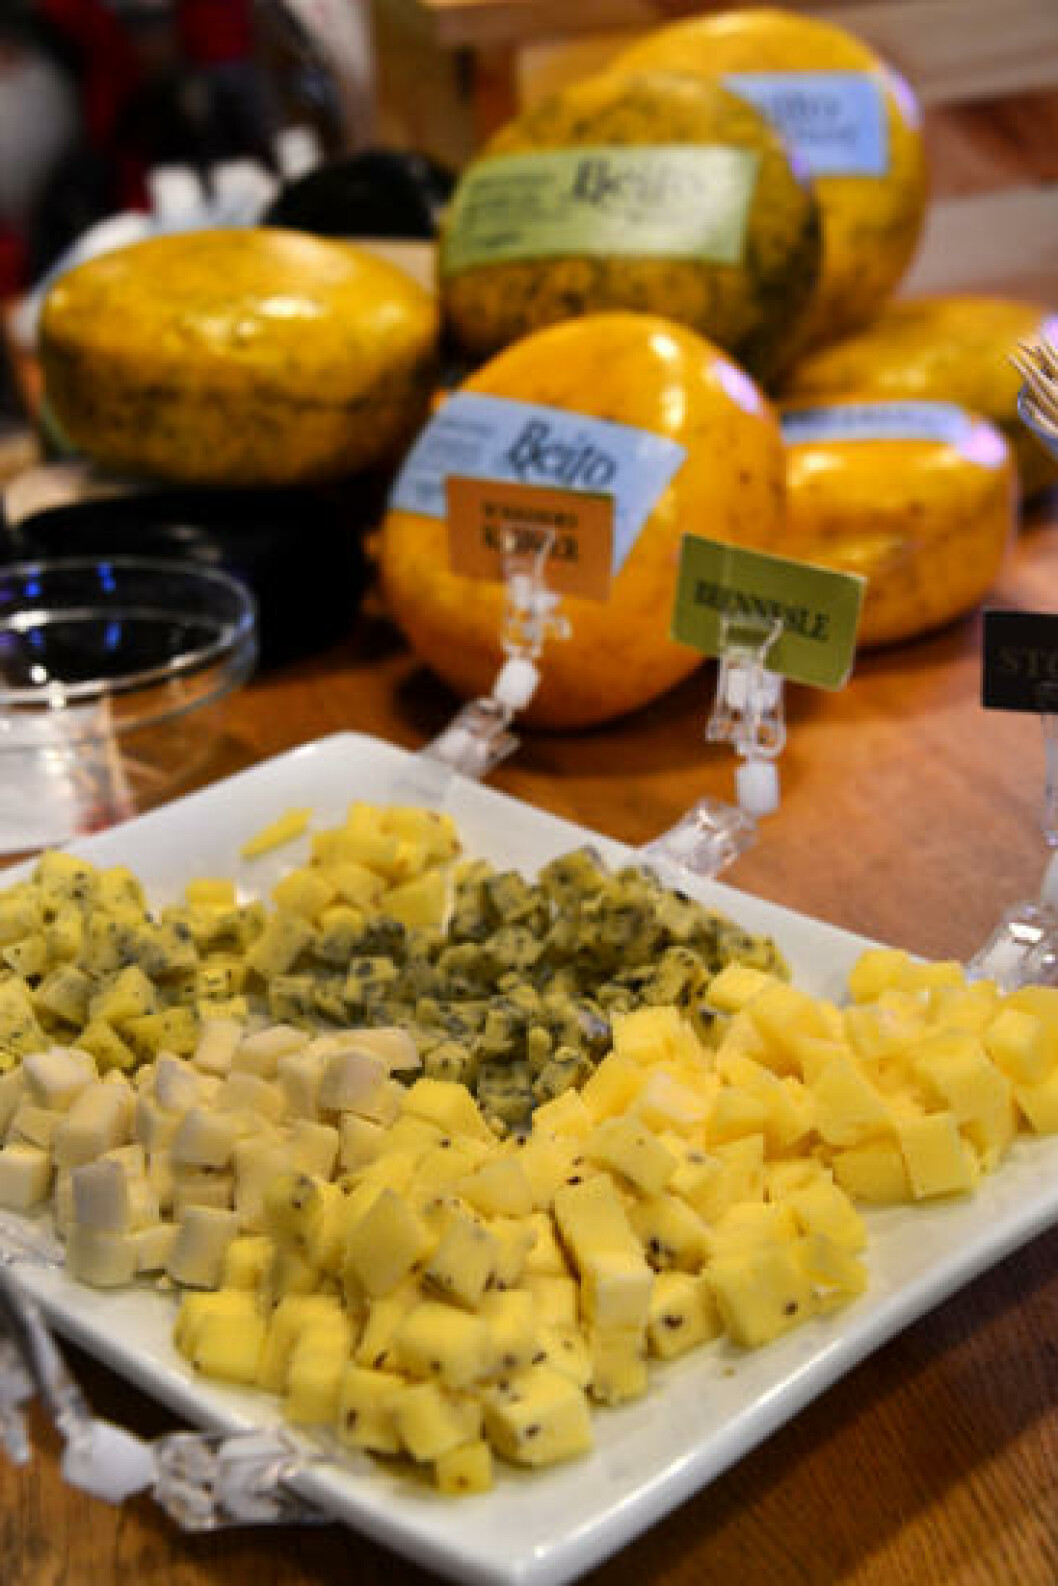 <strong>SMAKSPRØVER:</strong> Ost er ikke ost, så det er selvfølgelig lov å smake for å finne sin favoritt. Her er både brennesleost, chevre og vellagra stølsost. Foto: TORILD MOLAND